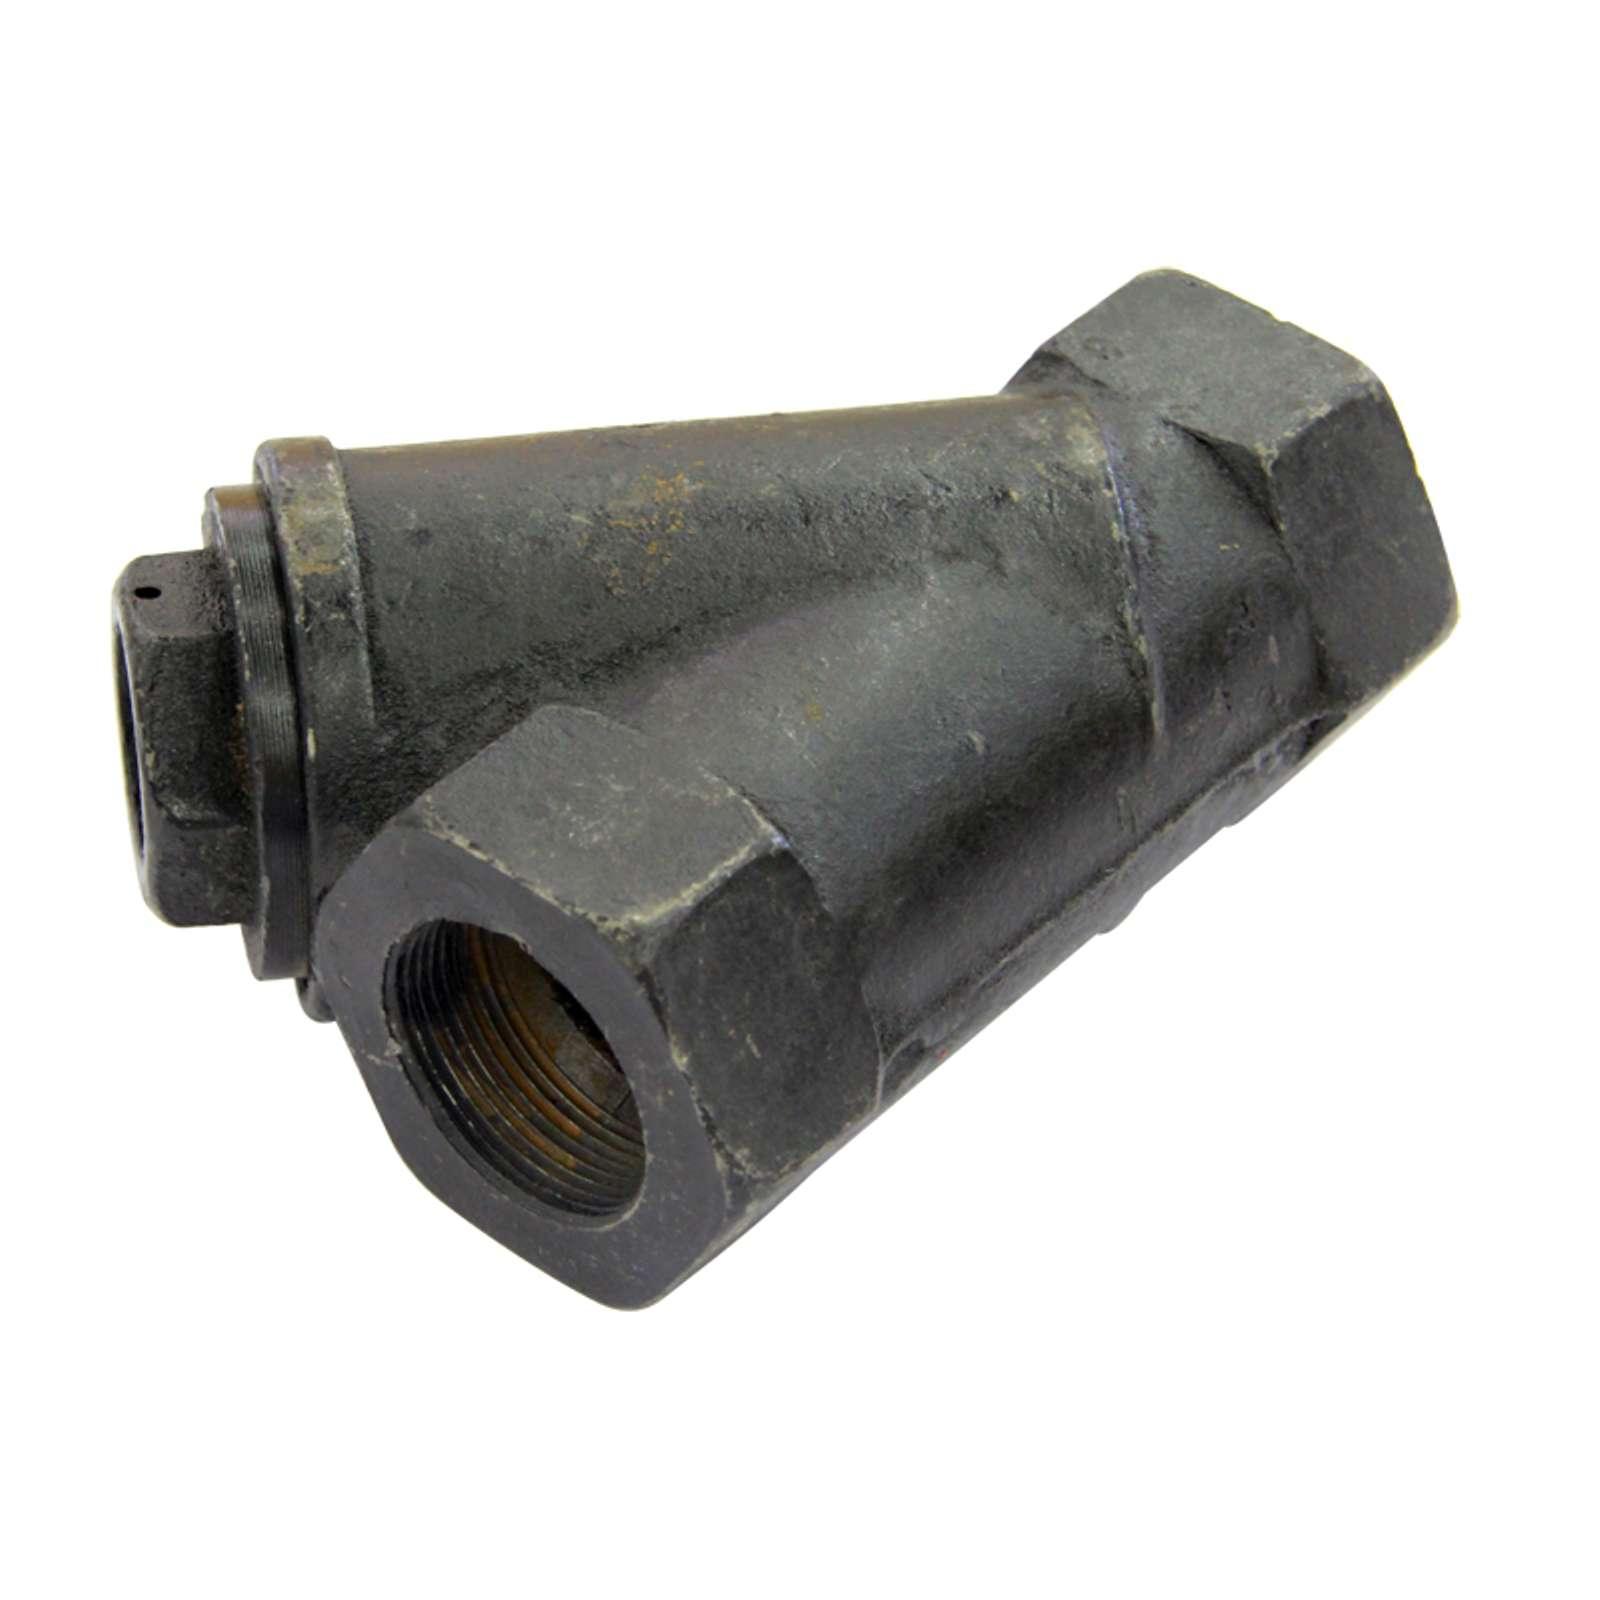 Фильтр магнитно-сетчатый муфтовый ФММ Ду40